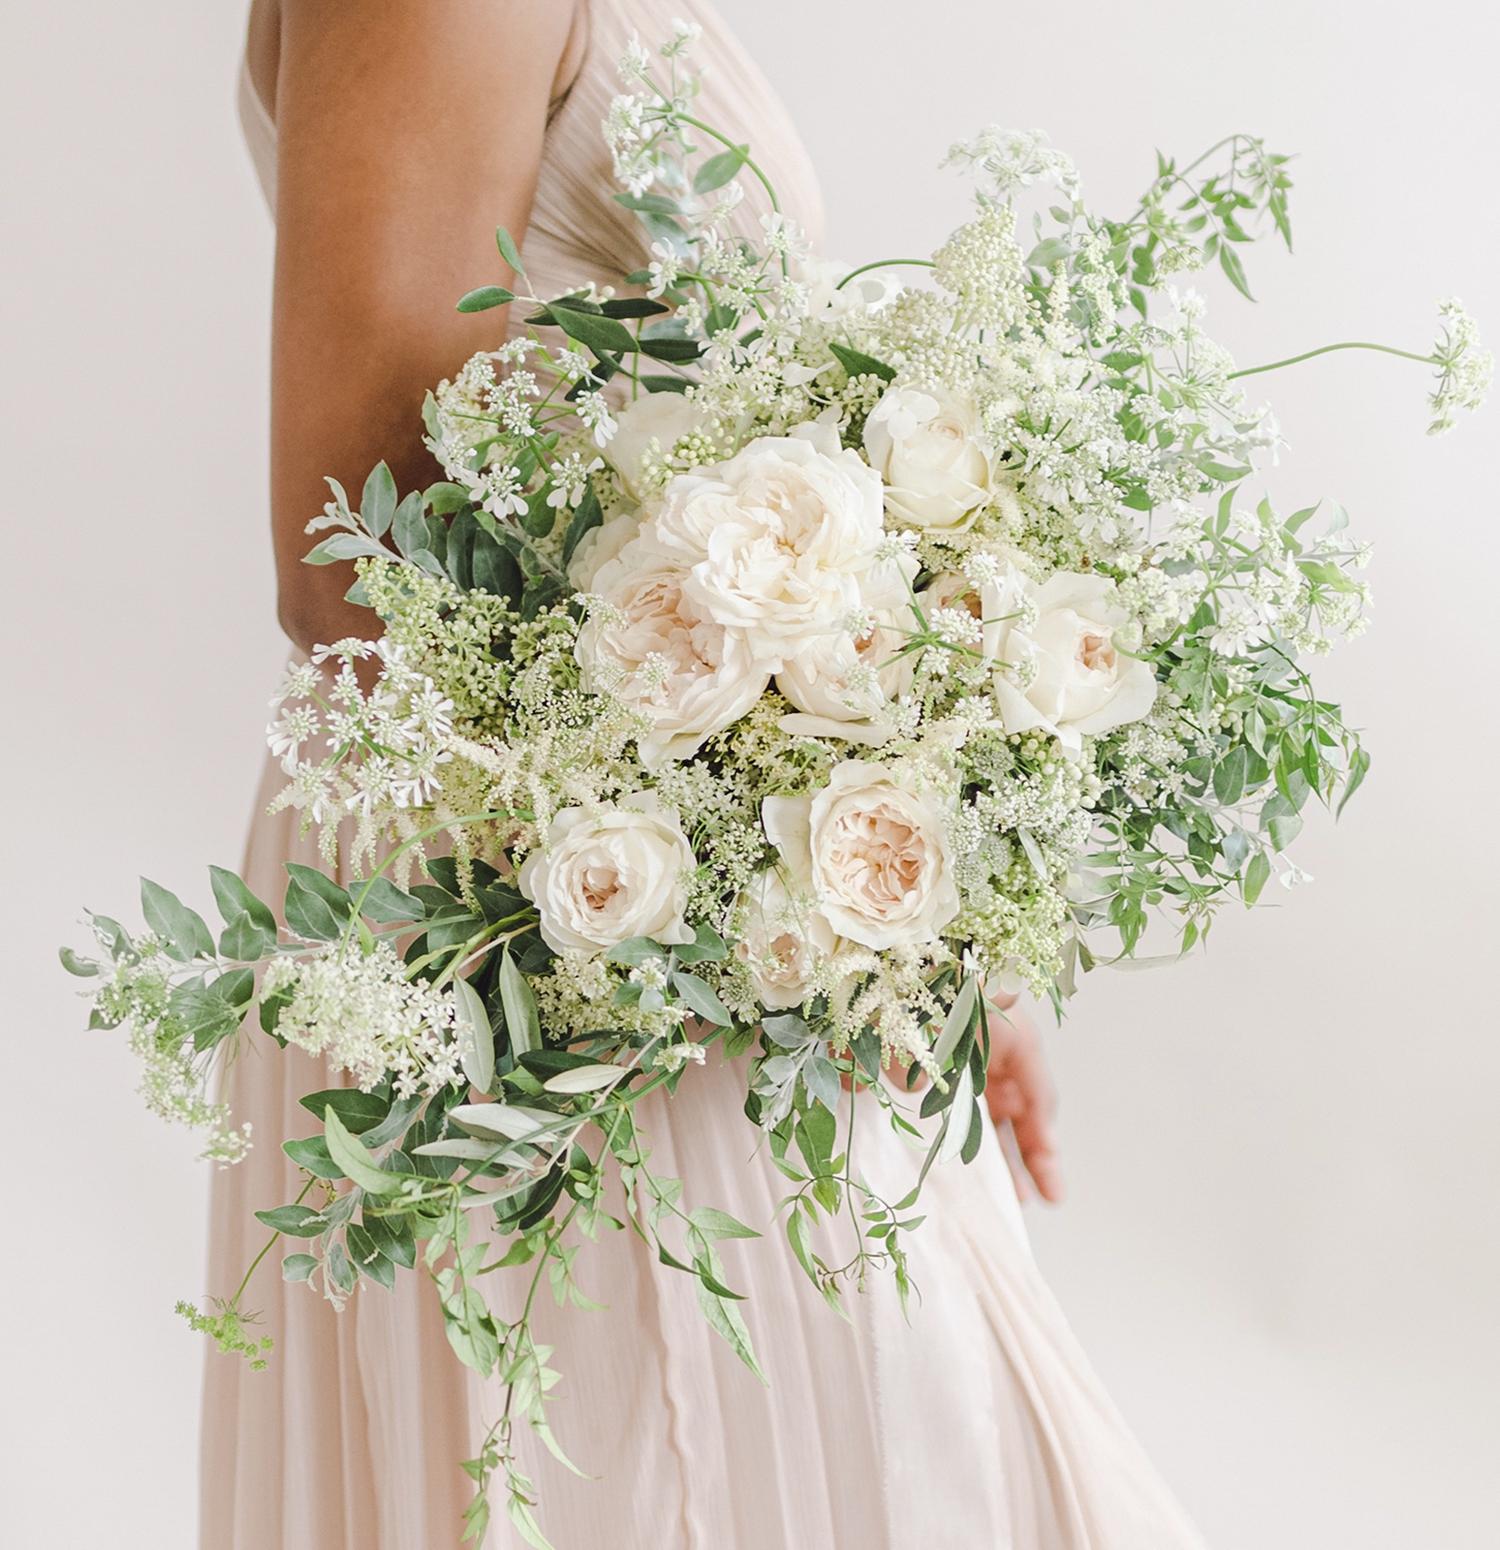 Purity blush modern bride wedding bouquet